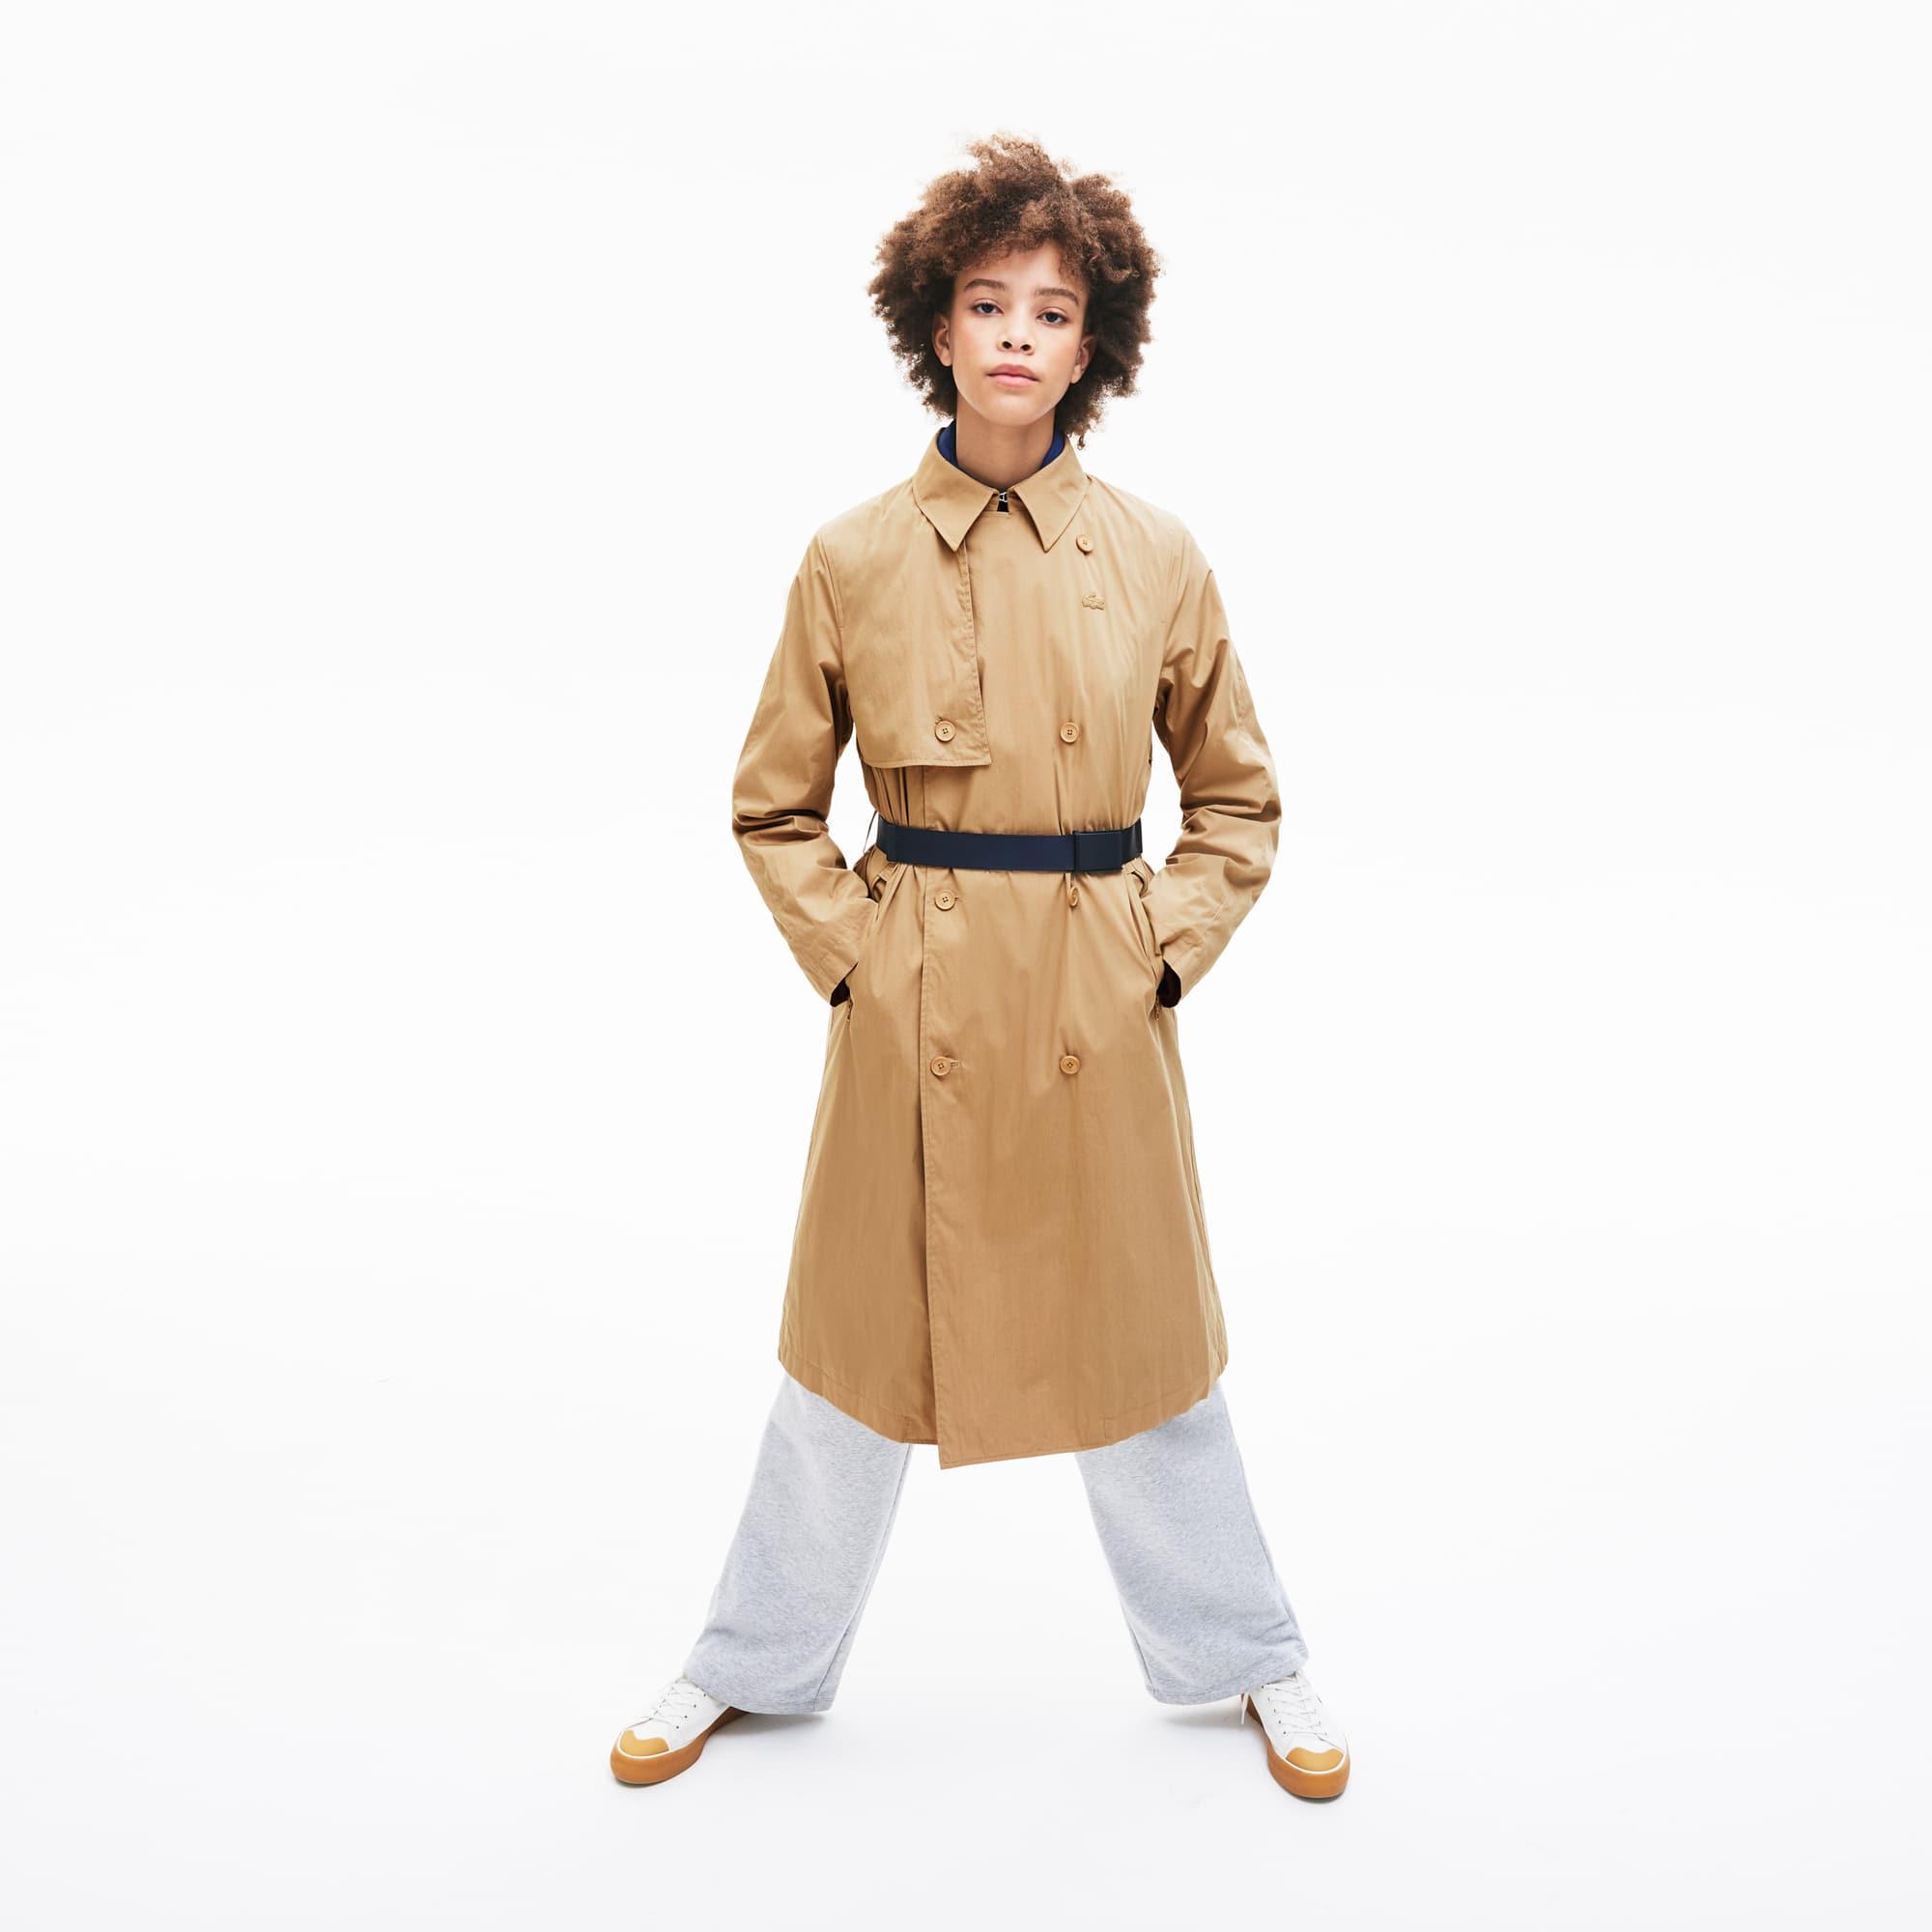 라코스테 배색 벨트 트렌치 코트 - 베이지 Lacoste Womens Contrast Belt Trench Coat